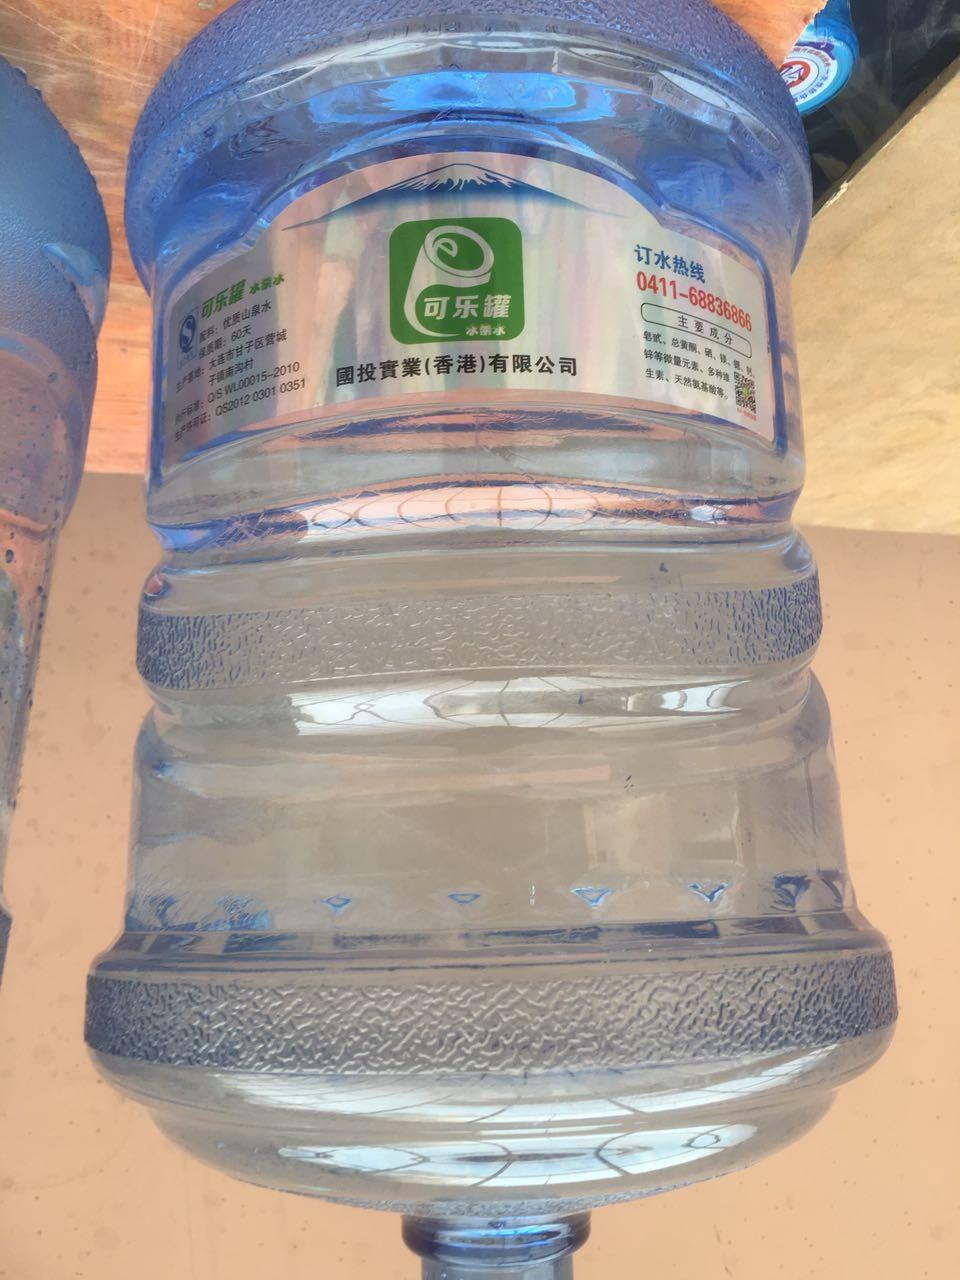 桶装水-展示型产品-商城-深圳市满天飞科技有限公司